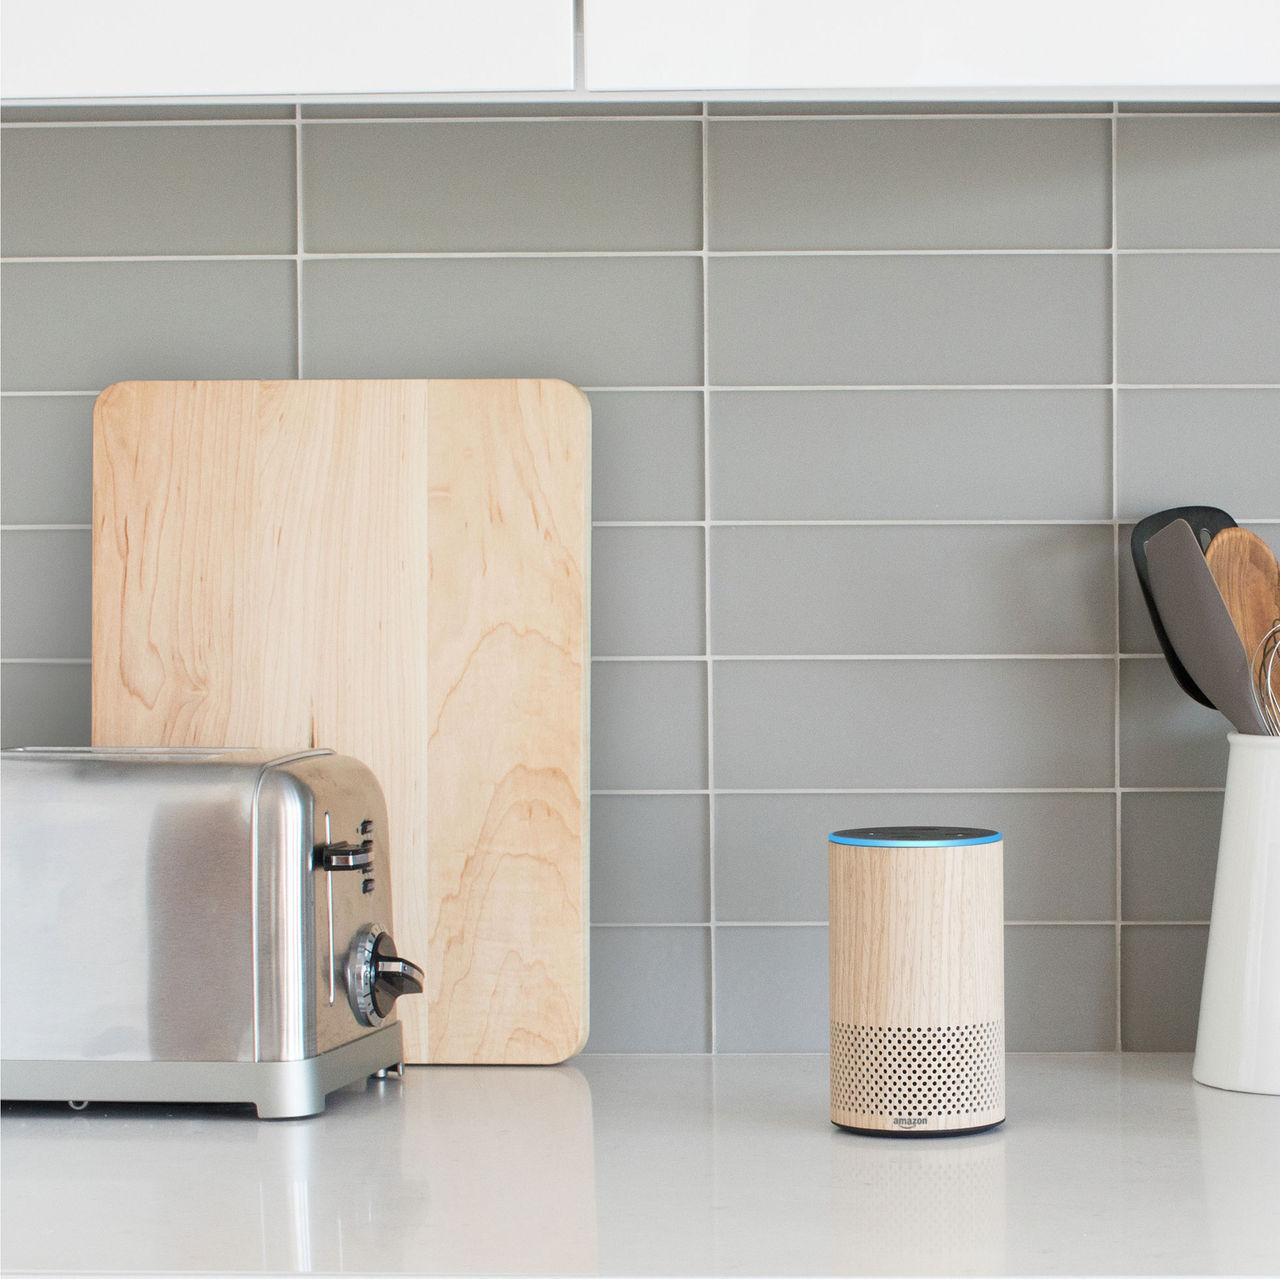 Amazon fräschar till sina Alexa-produkter